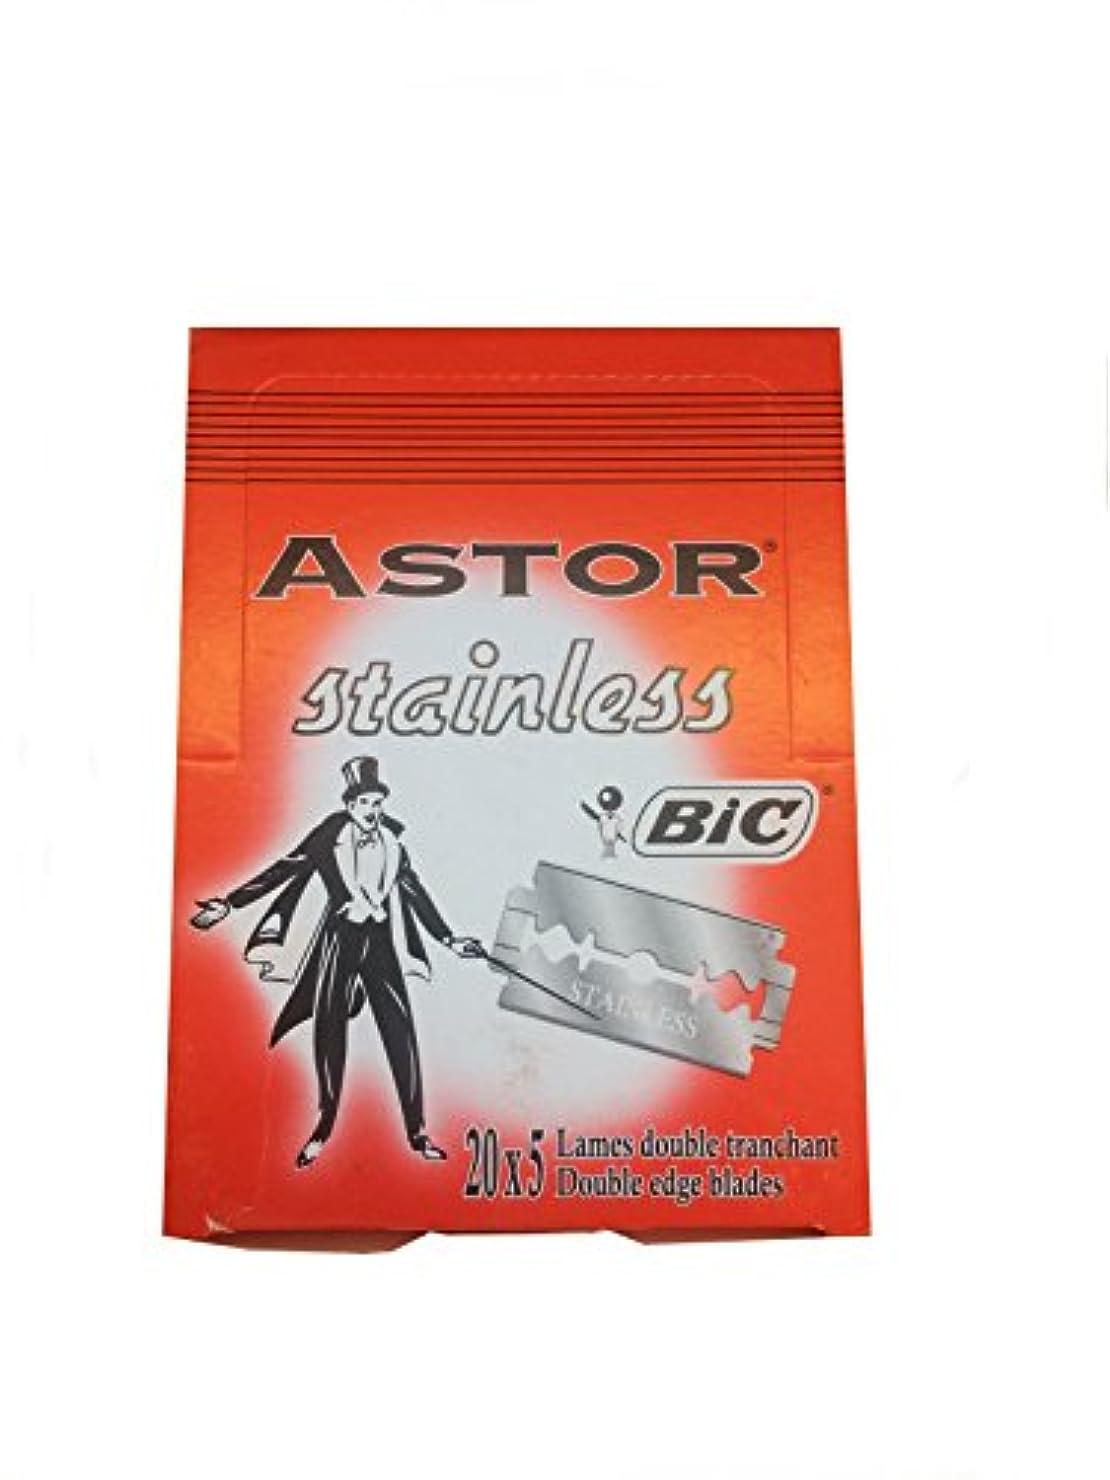 火炎成功したチラチラするBIC Astor Stainless 両刃替刃 100枚入り(5枚入り20 個セット)【並行輸入品】